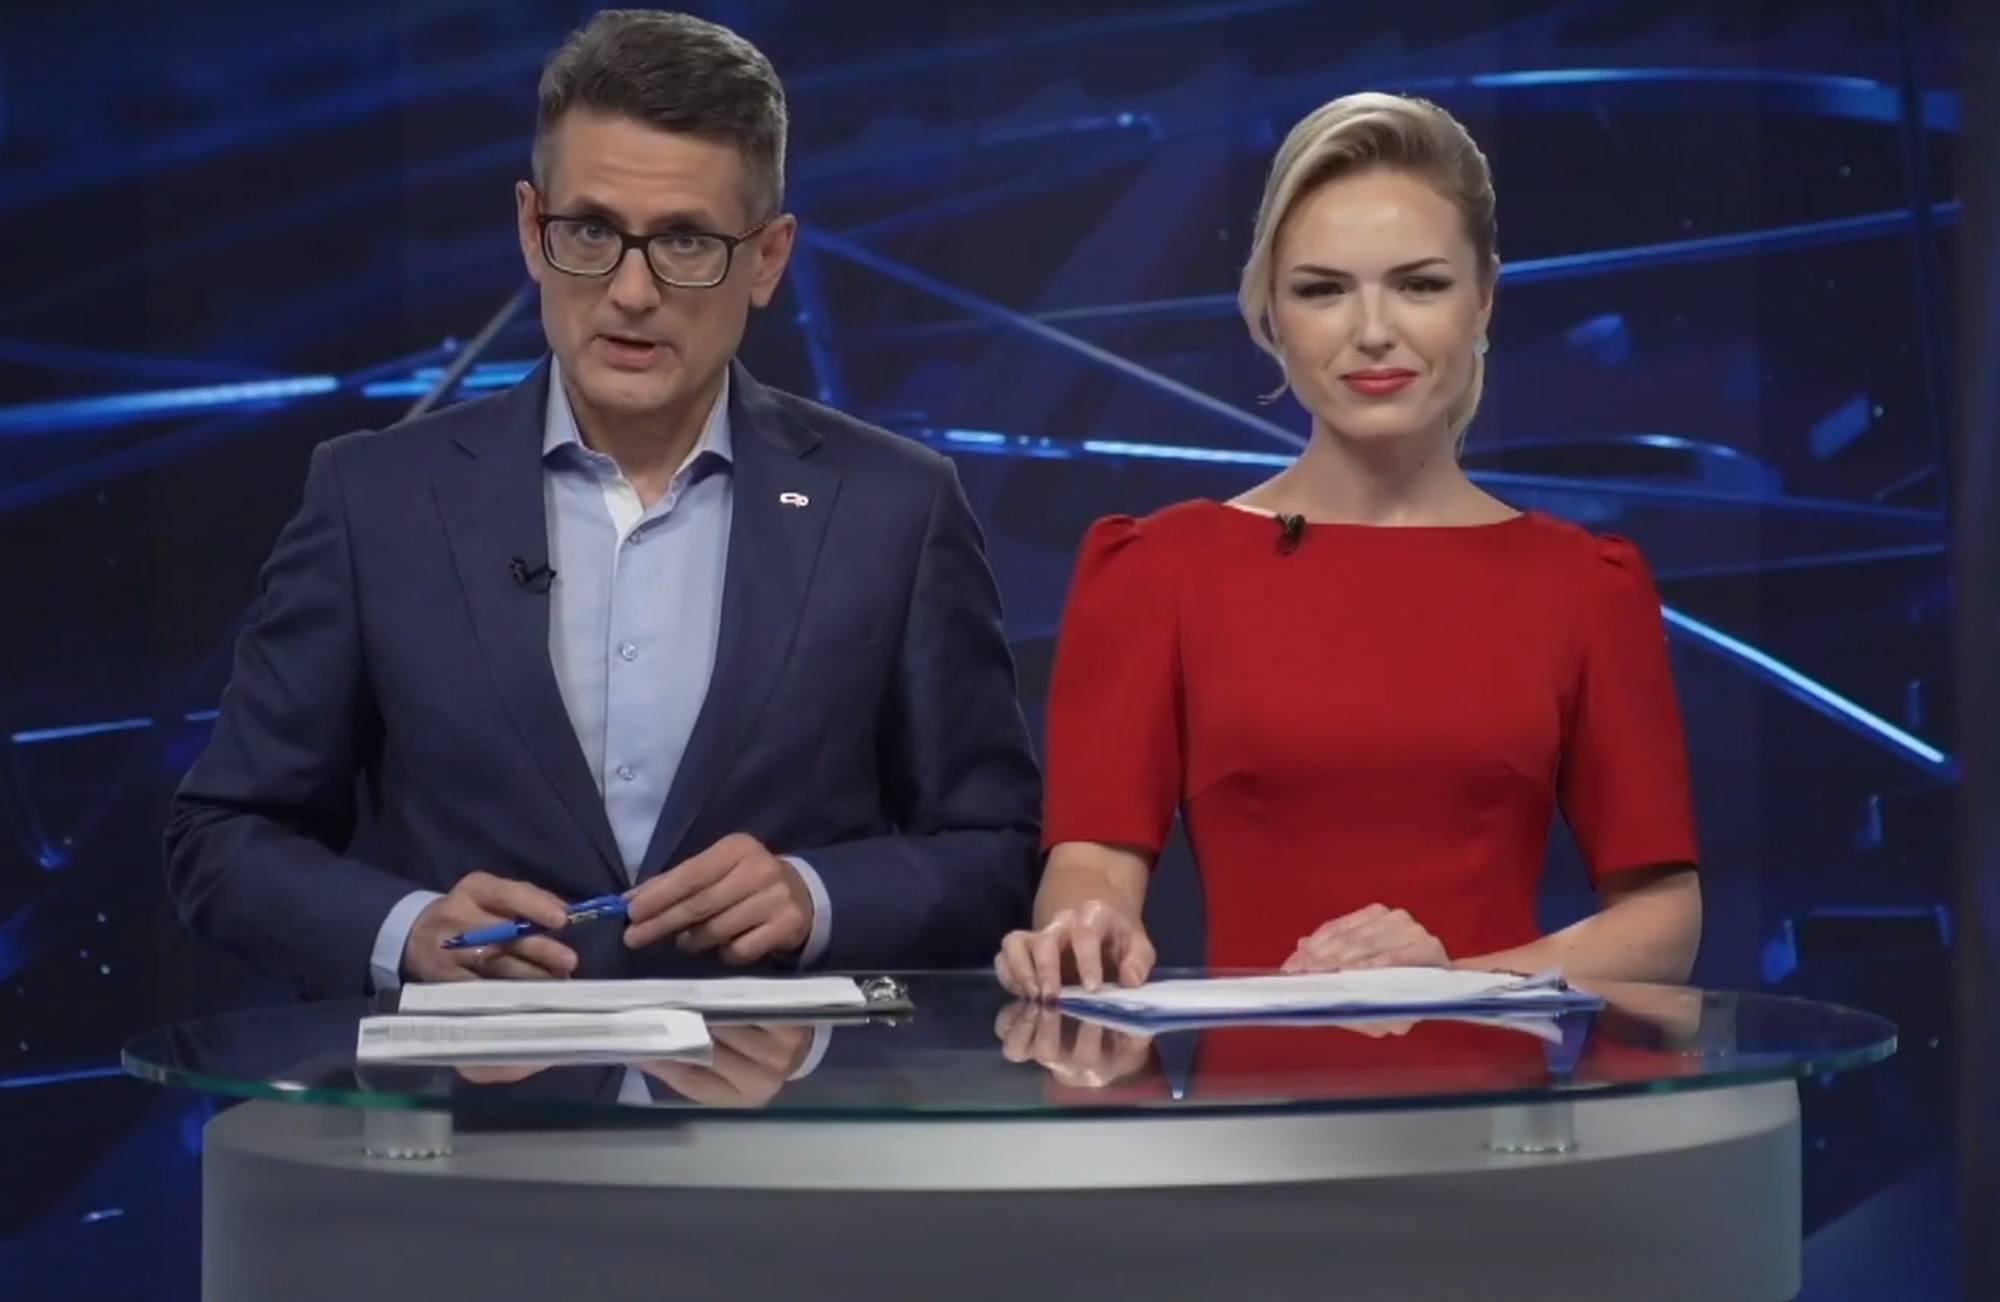 Les deux présentateurs de Roscosmos TV: Nikolaï Marchenko et Youlia Deryabina dans leur nouveau studio ont commenté la sortie des cosmonautes et reçu des invités.